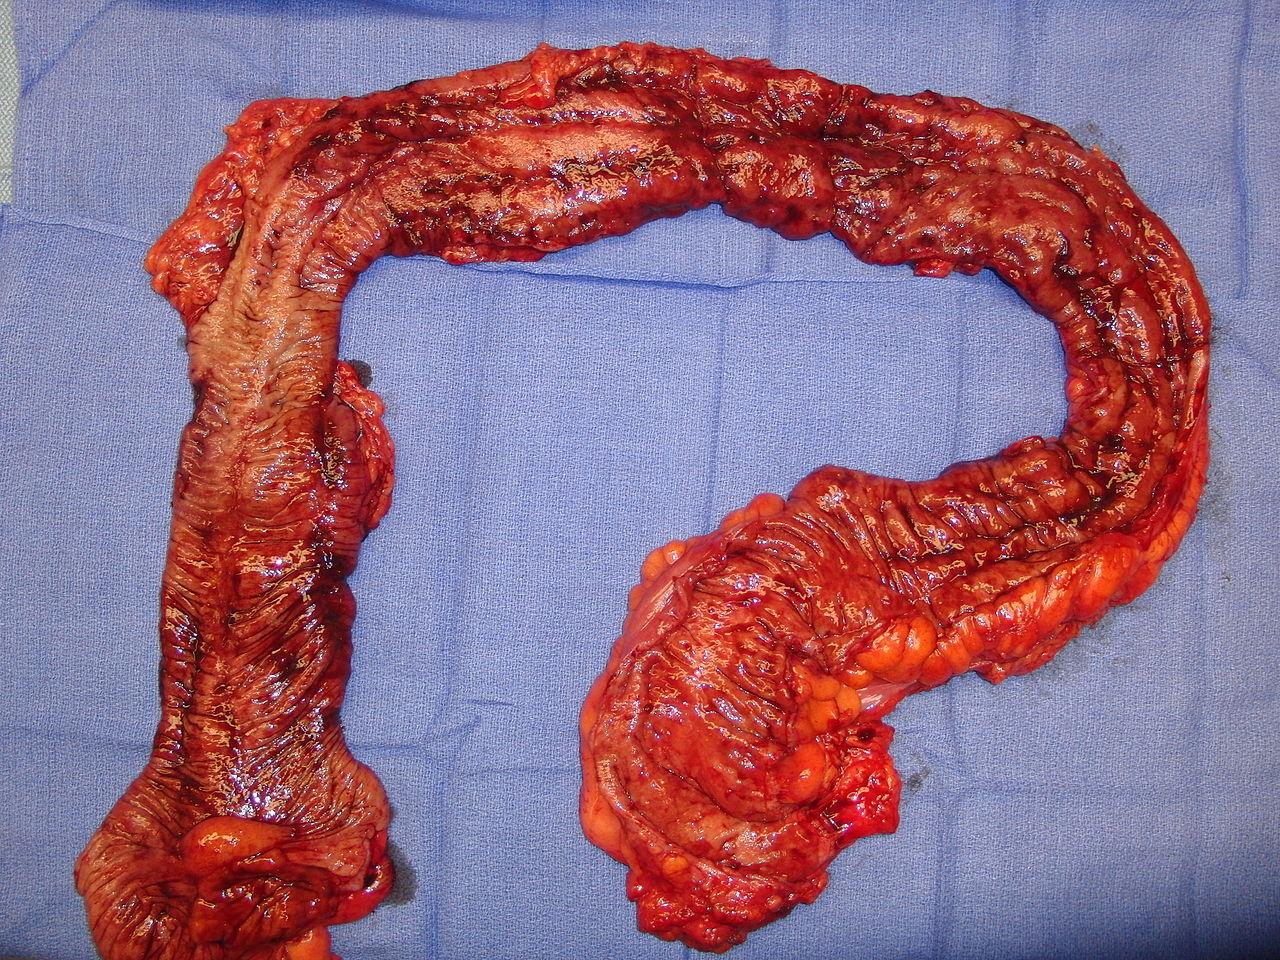 Filehuman Colon Removed Feb 2010 Condition Ulcerative Colitisg